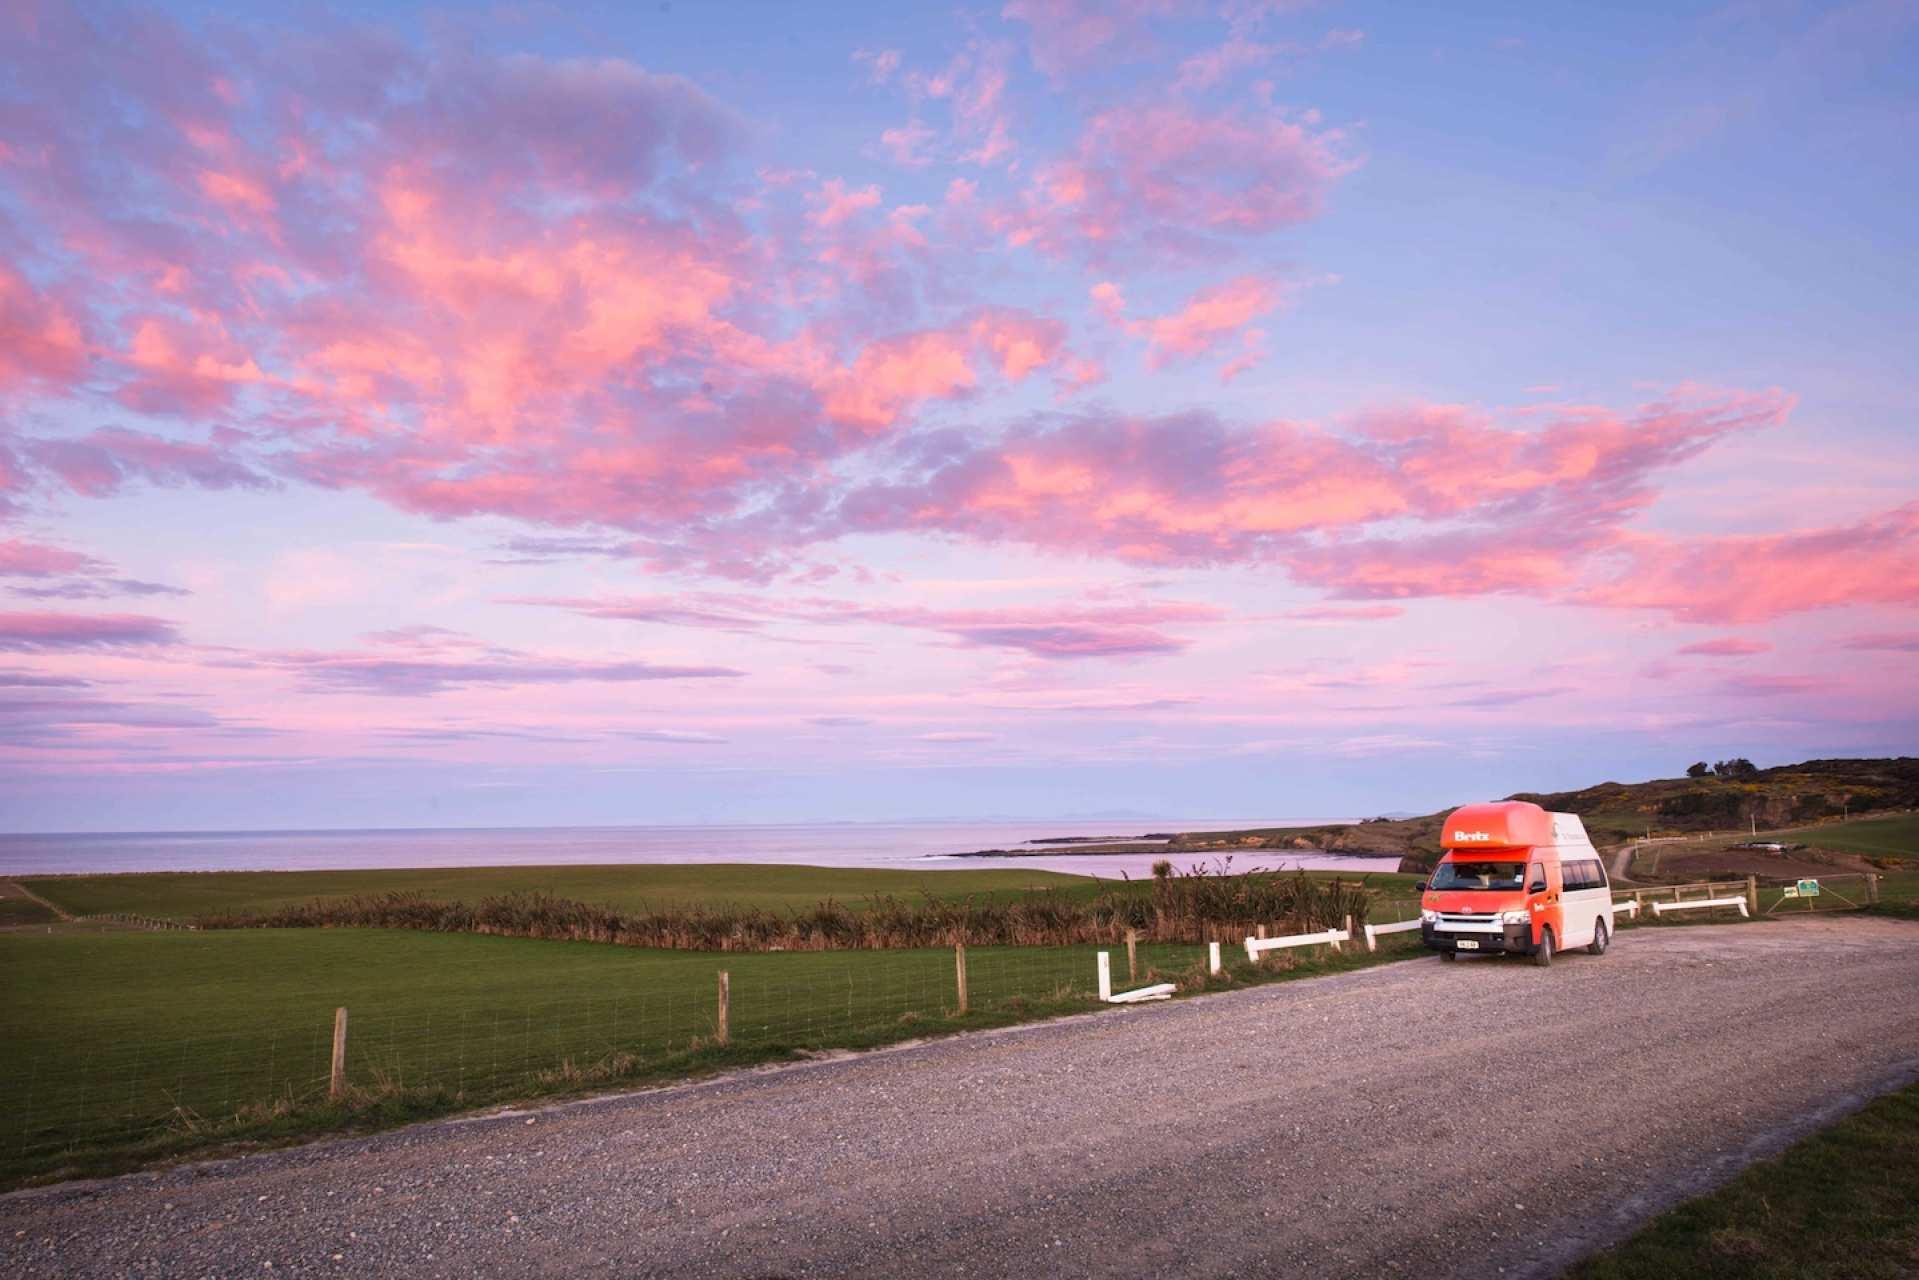 【紐西蘭租車】BRITZ 四人座航海家型露營車(奧克蘭取 / 奧克蘭還)